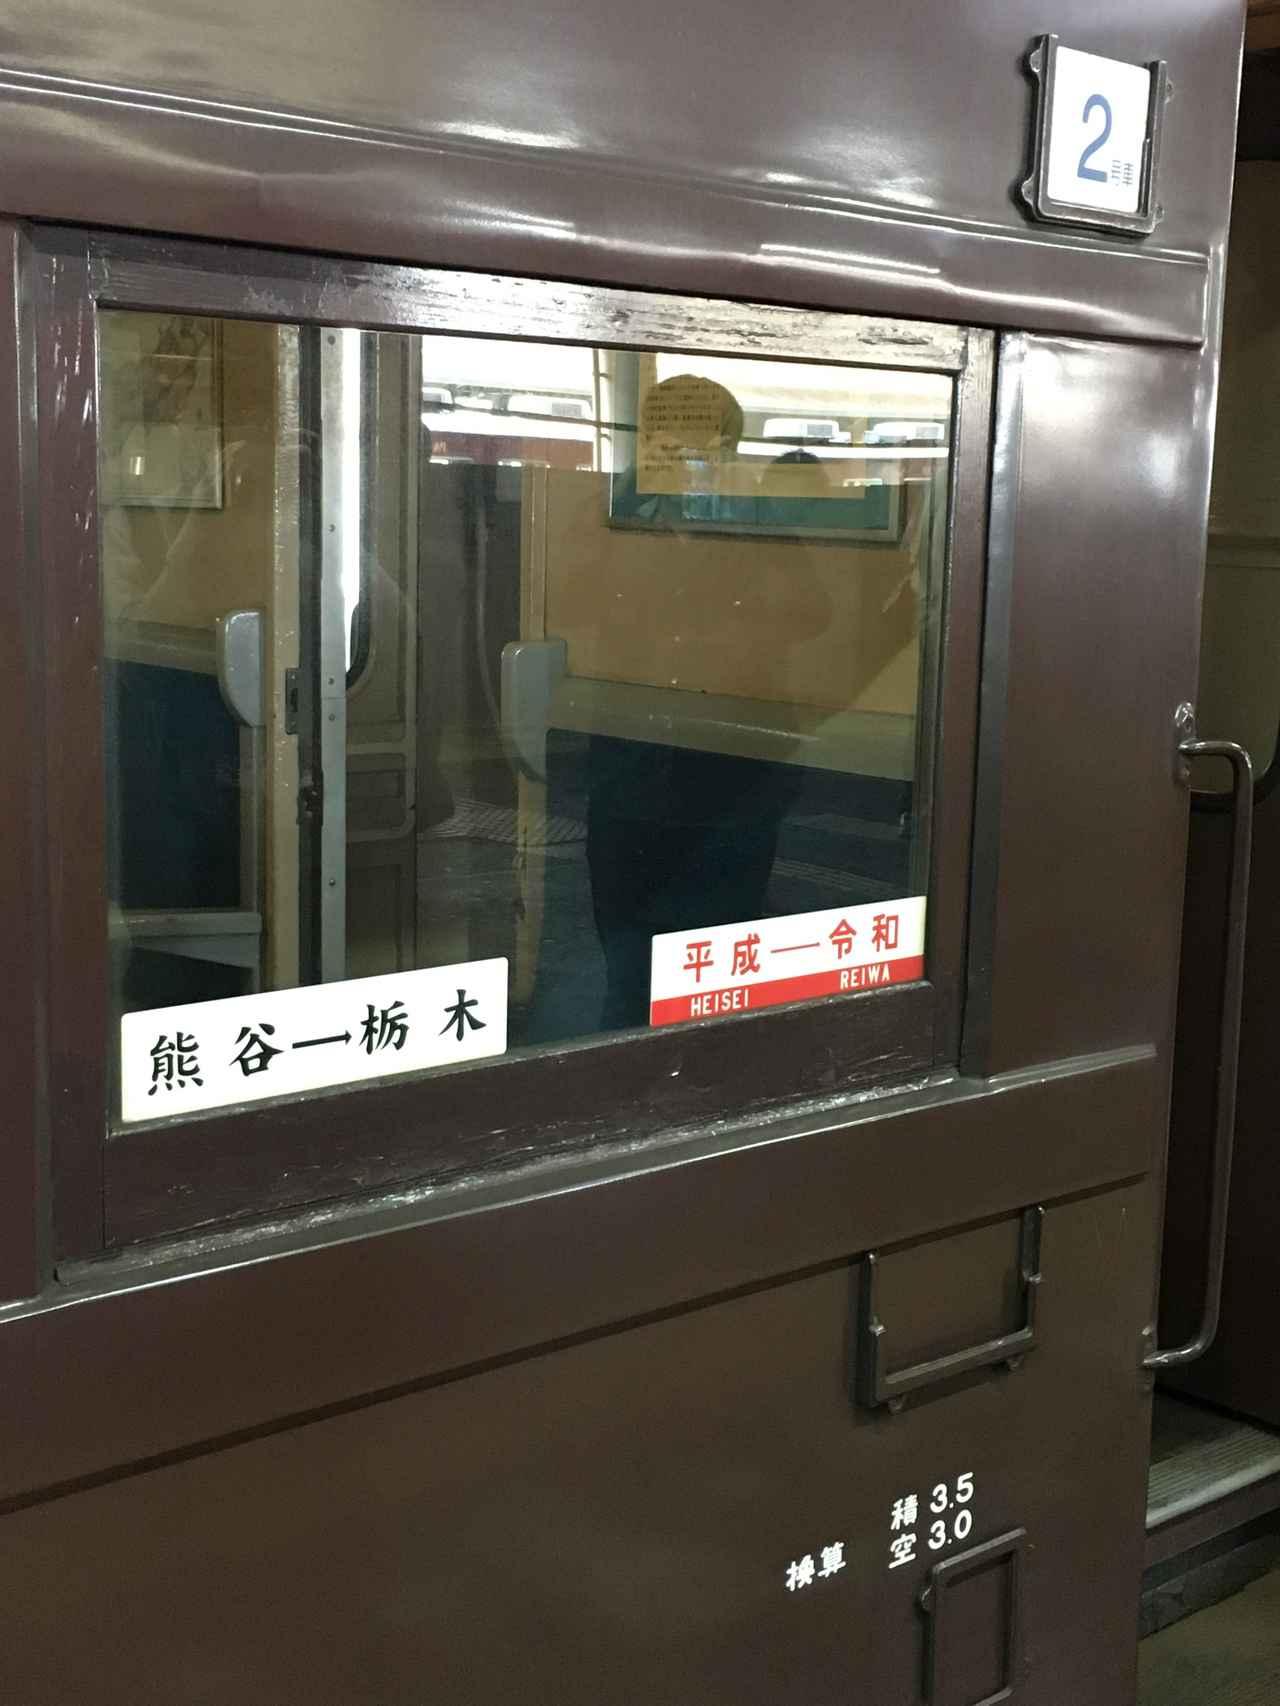 画像: 熊谷駅に出発を待つ旧型客車(大塚雅士撮影)